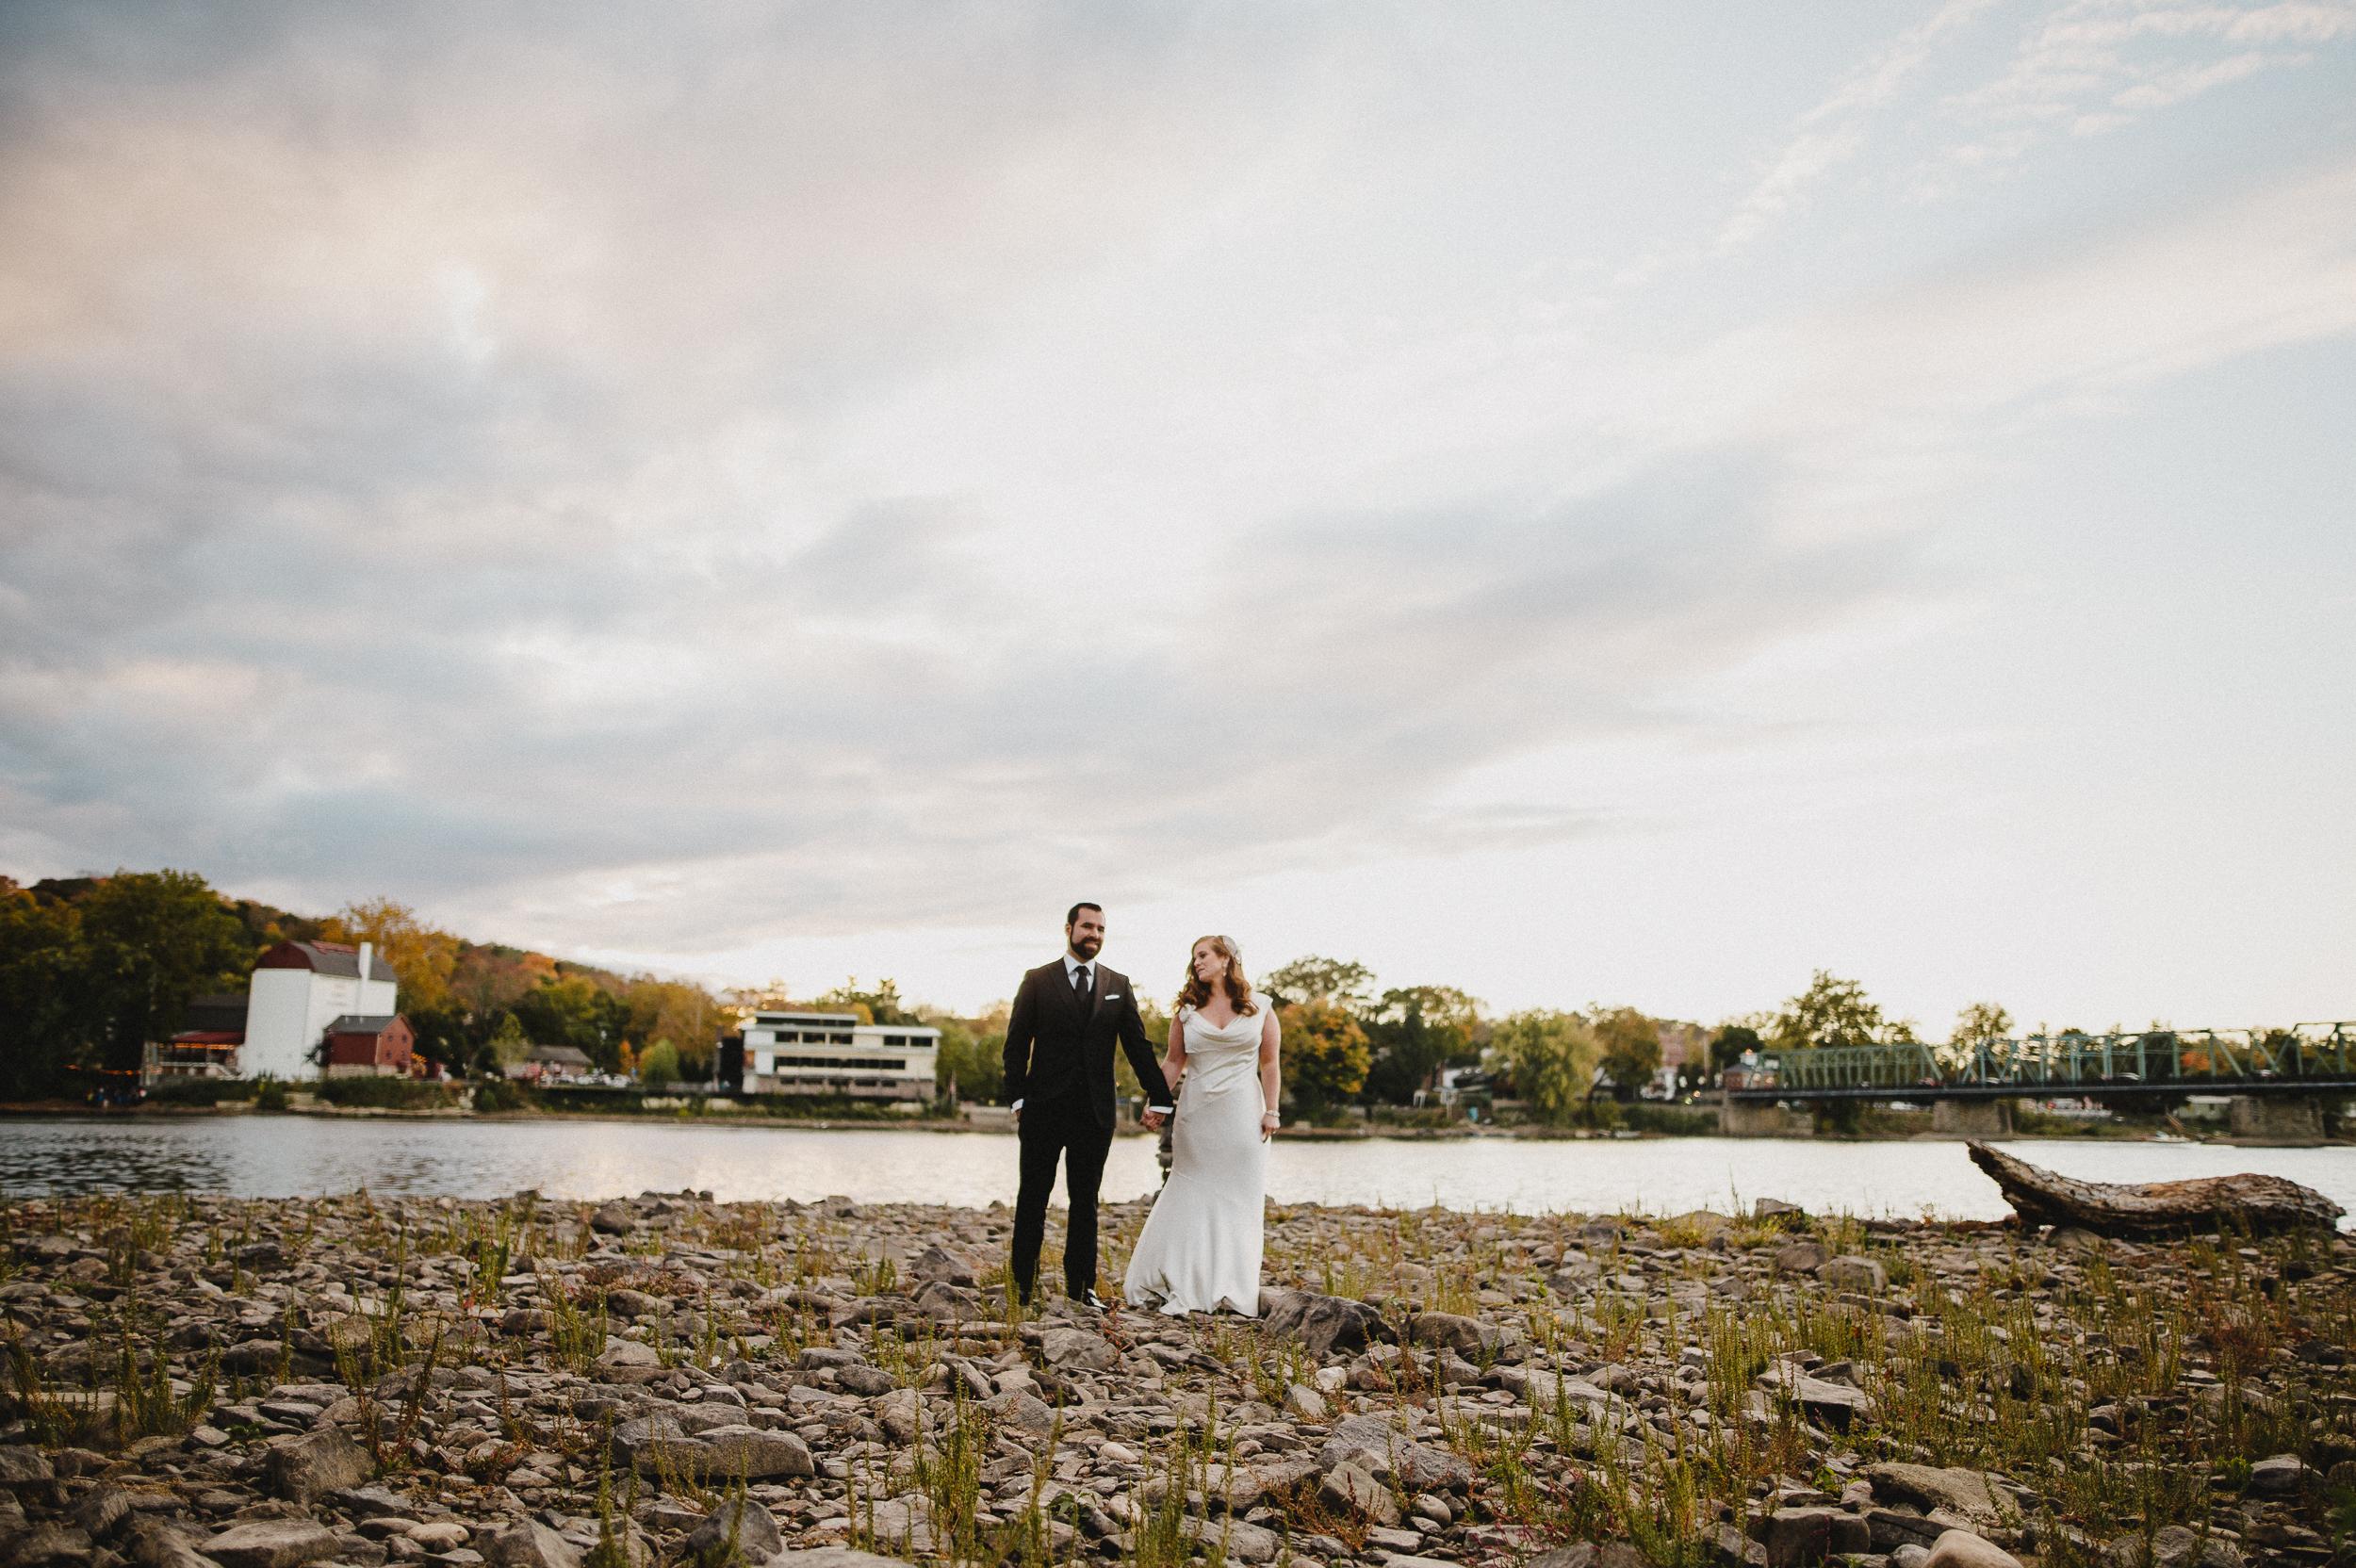 lambertville-station-wedding-photographer-30.jpg